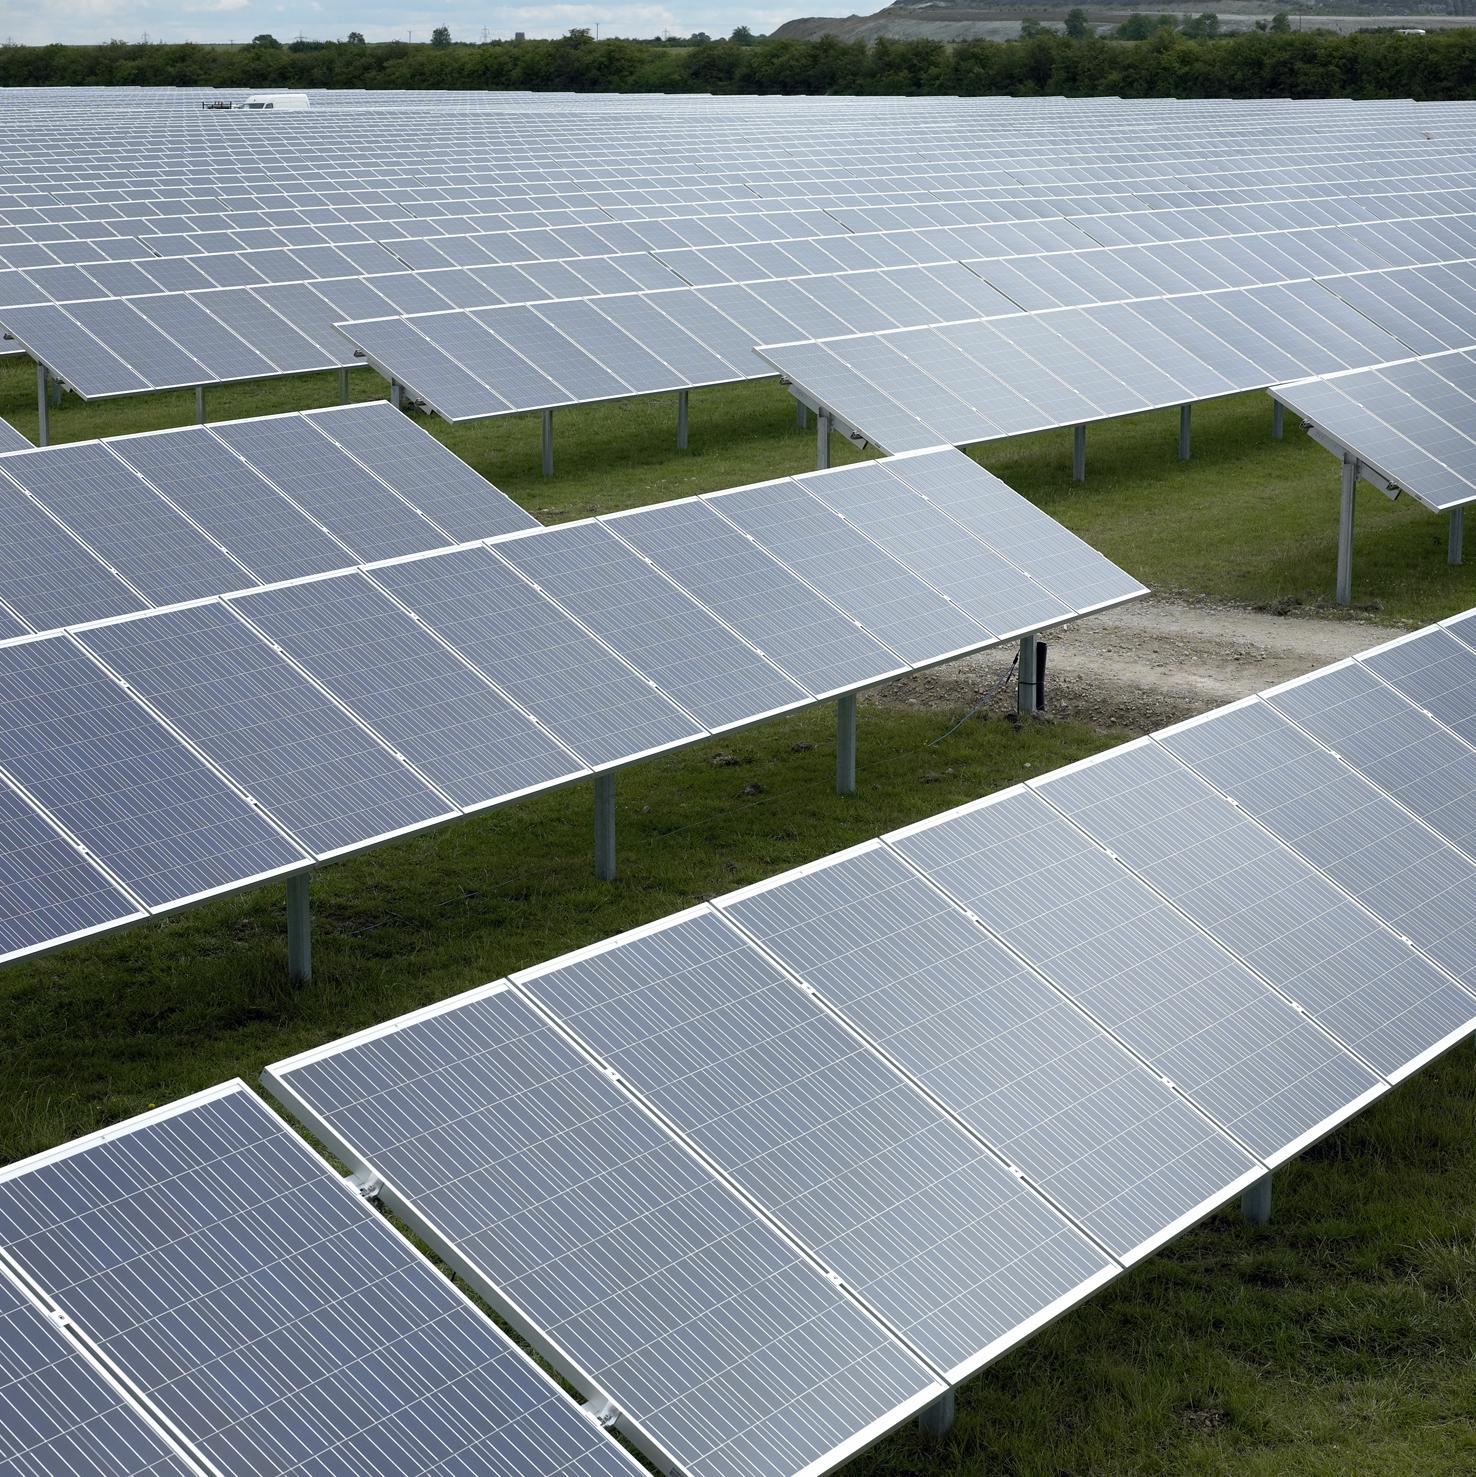 """Conergy finaliza la construcción del mayor parque fotovoltaico del Reino Unido  """"Instalación en tiempo record"""": 5 MW construidos en solo seis semanas"""